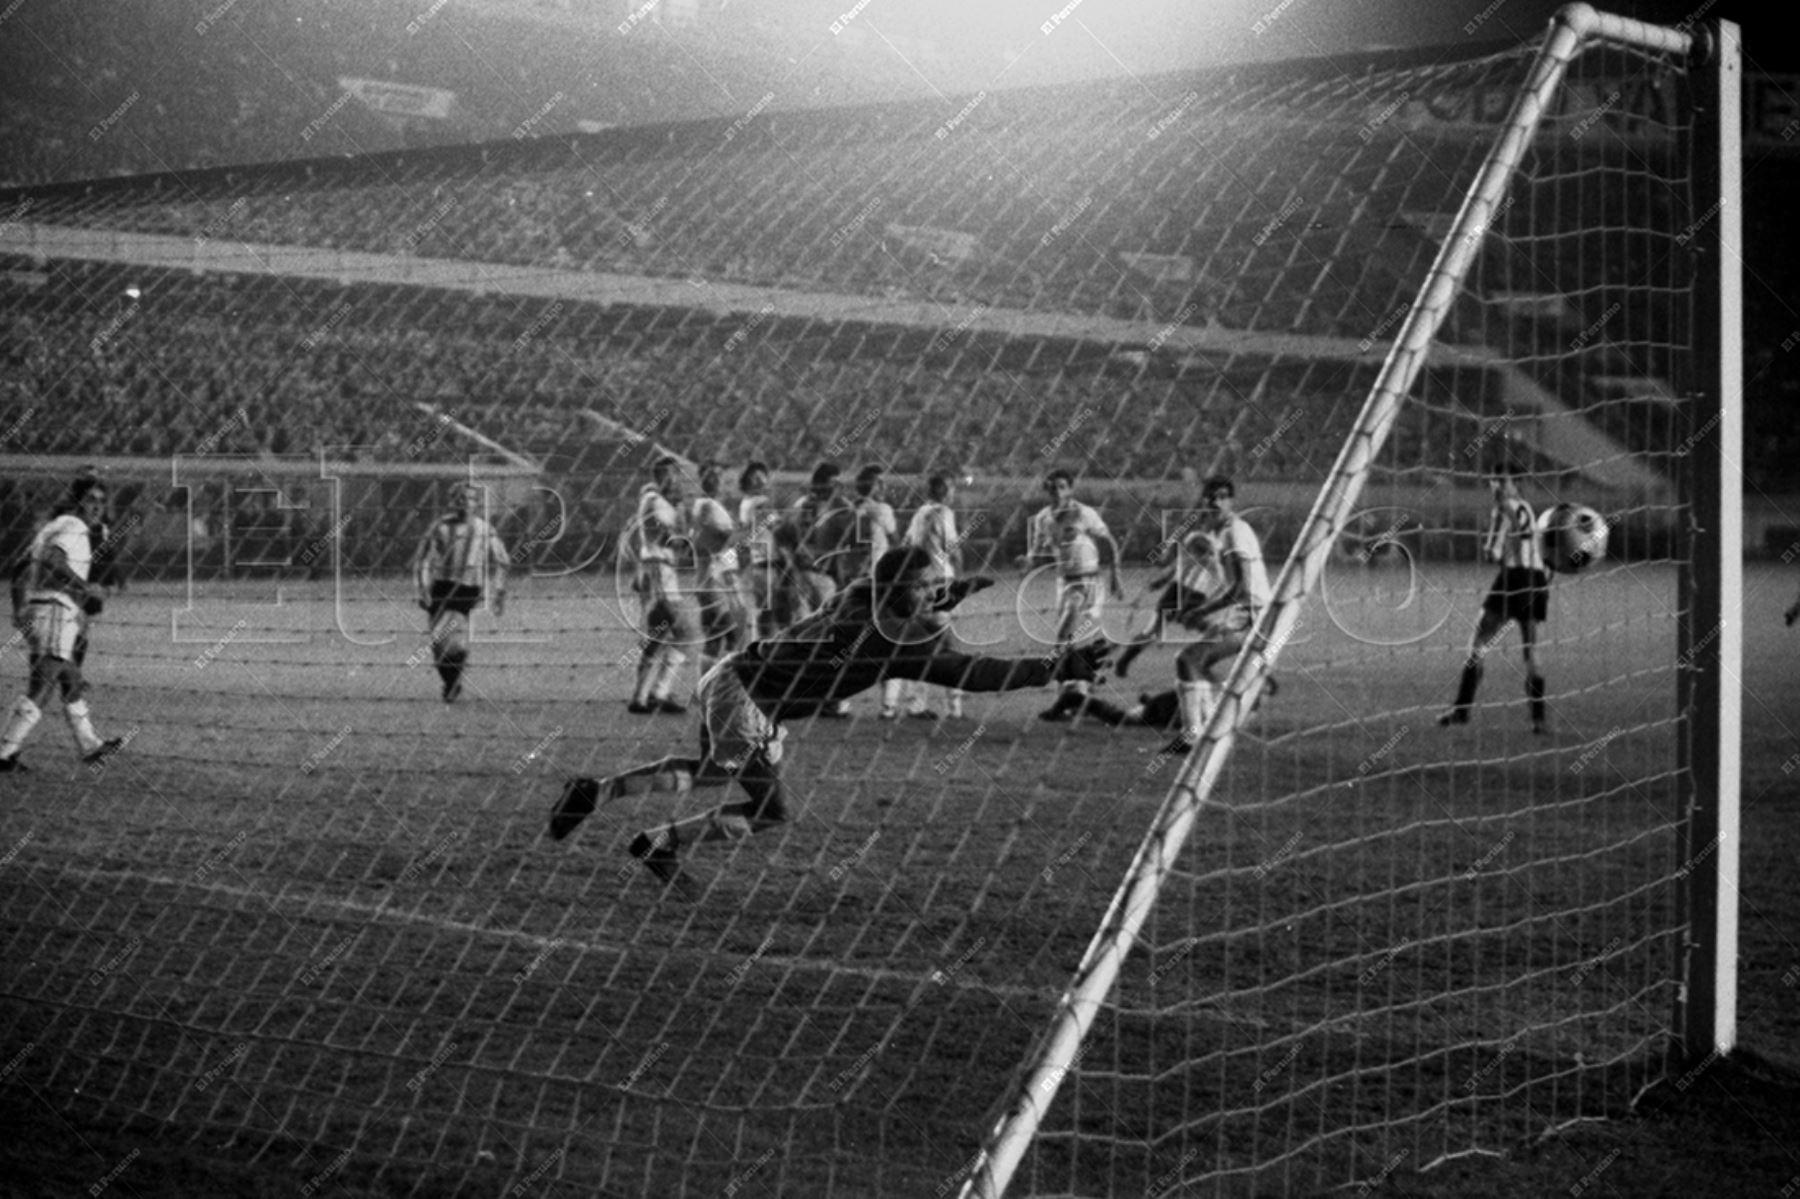 Lima - 9 junio 1971 / Nacional de Uruguay se coronó campeón de la Copa Libertadores de América en el Estadio Nacional de Lima al vencer 2-0 a Estudiantes Argentina. El cuadro tricolor ganó  por primera vez el codiciado trofeo y cortó el dominio del cuadro de La Plata luego de tres años. Foto Archivo Histórico de El Peruano